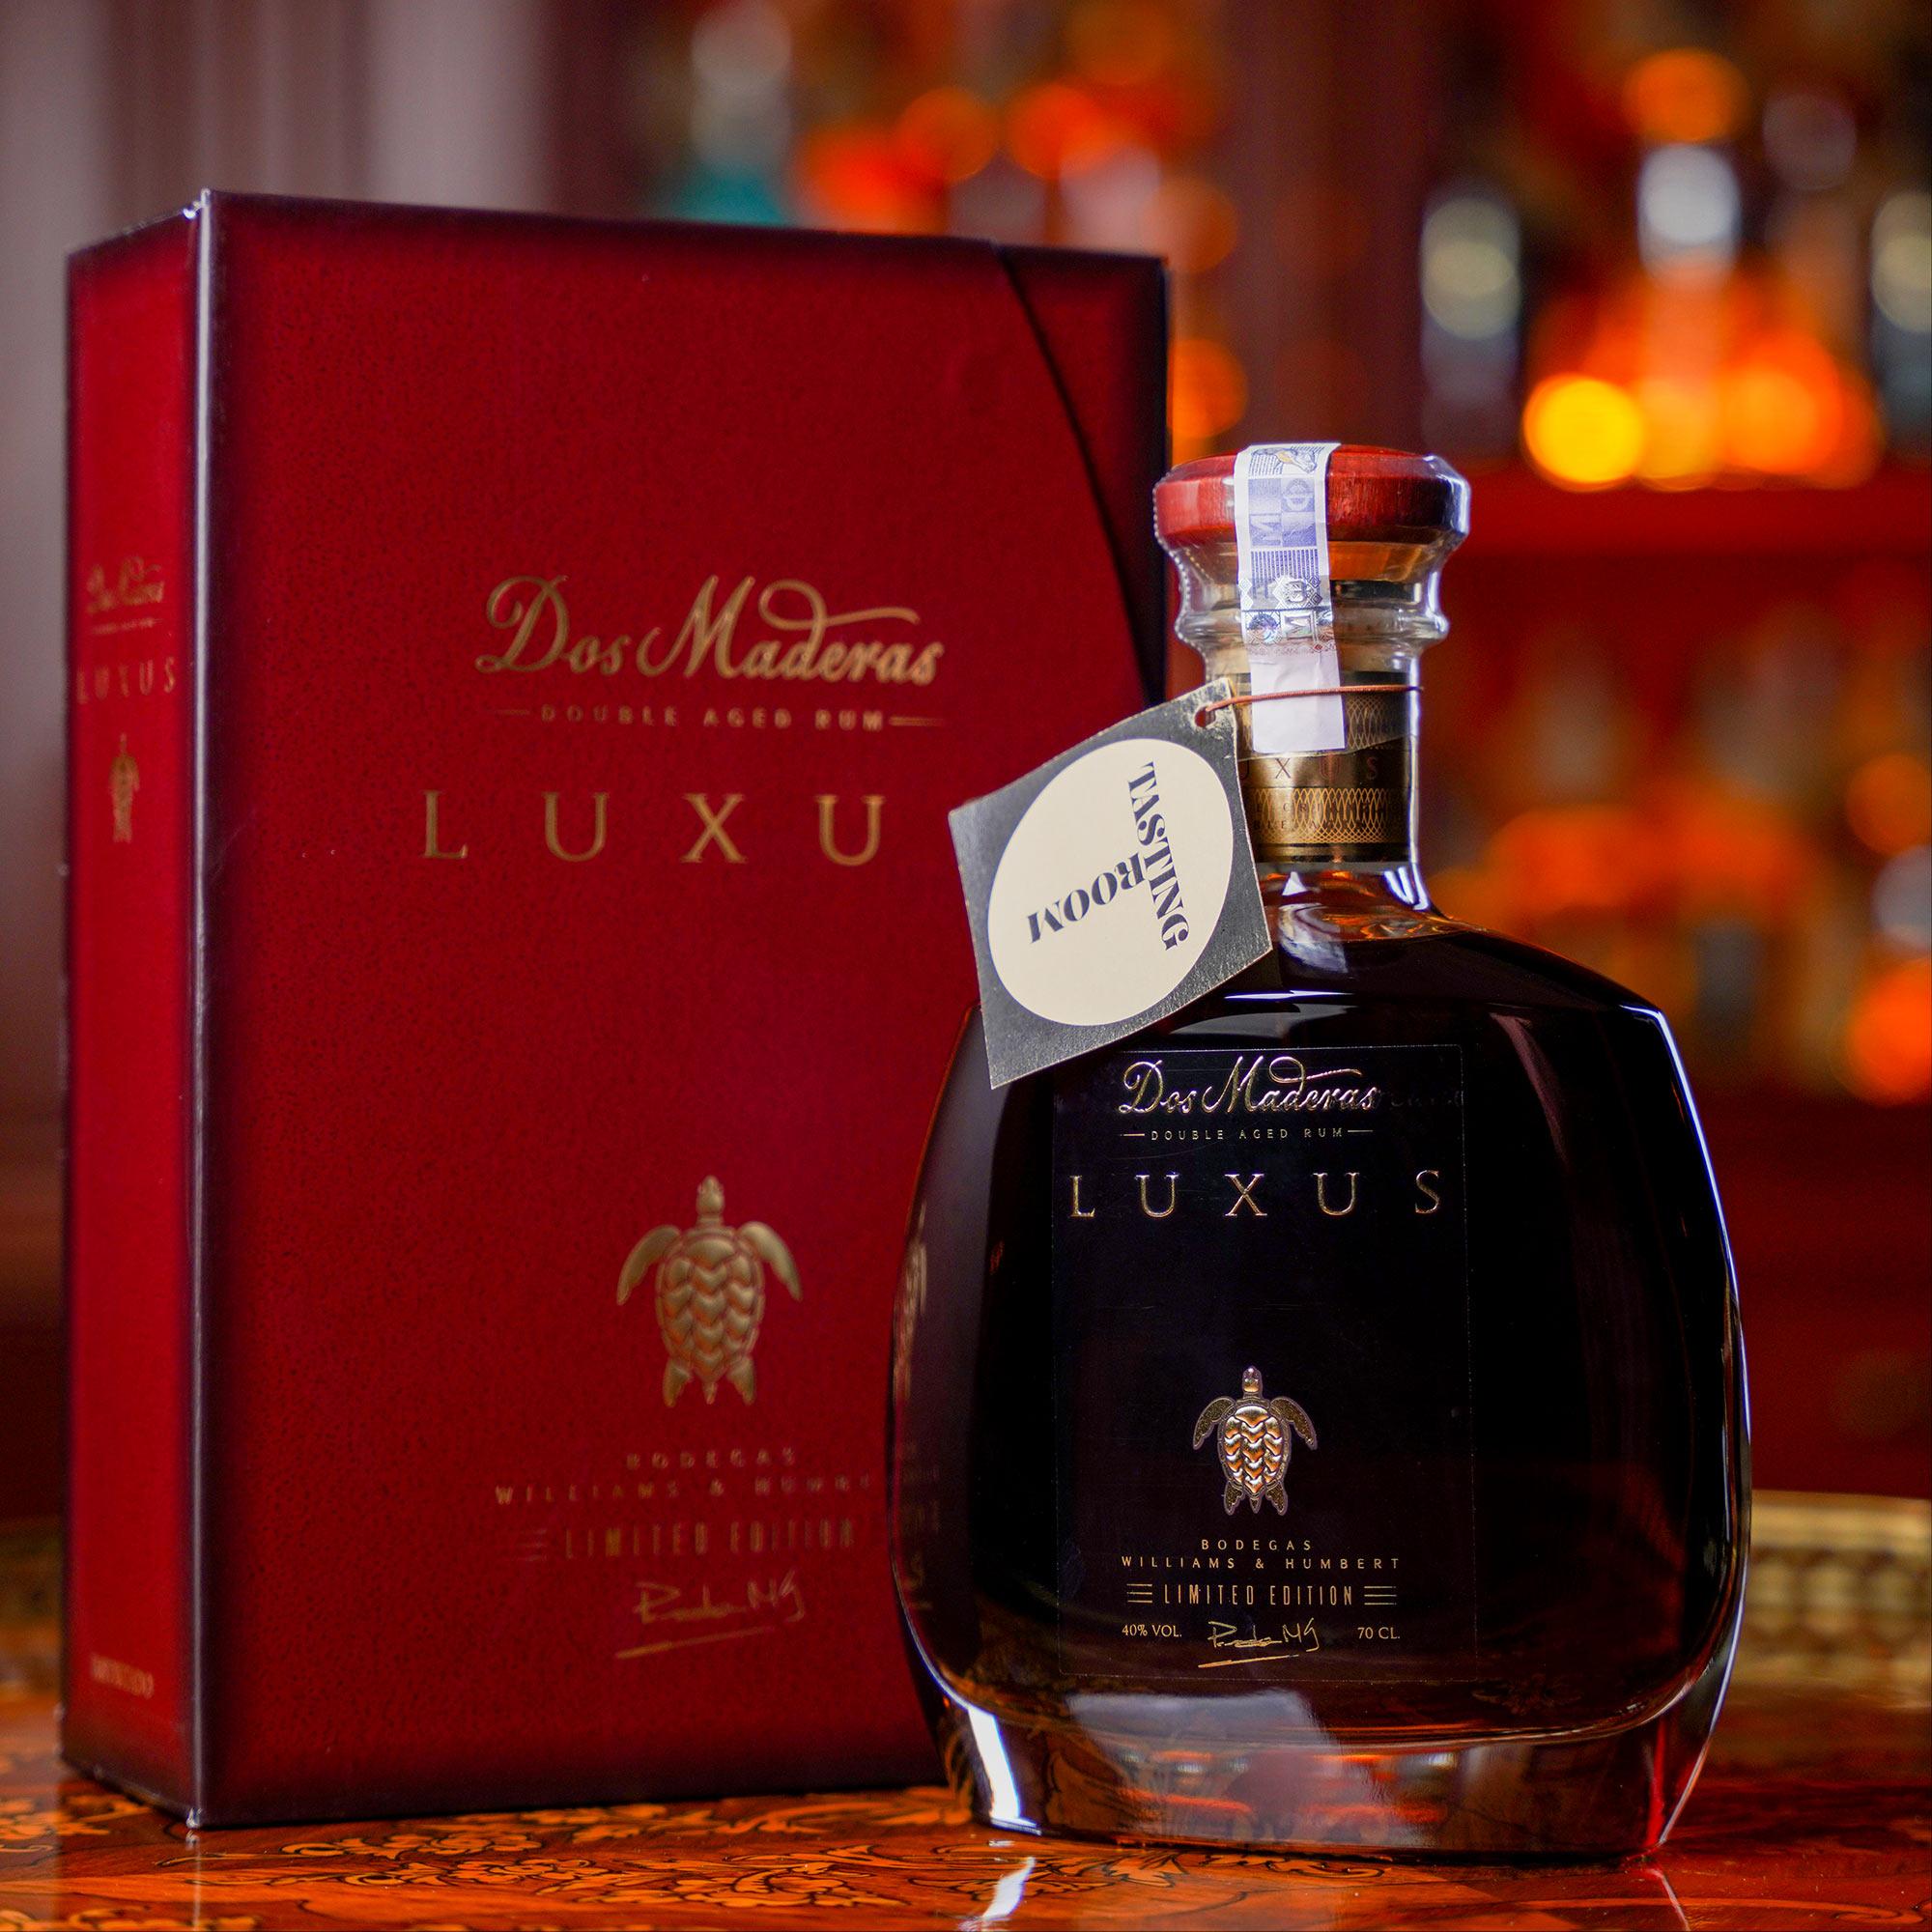 Dos Maderas Luxus /Дос Мадерас Луксус